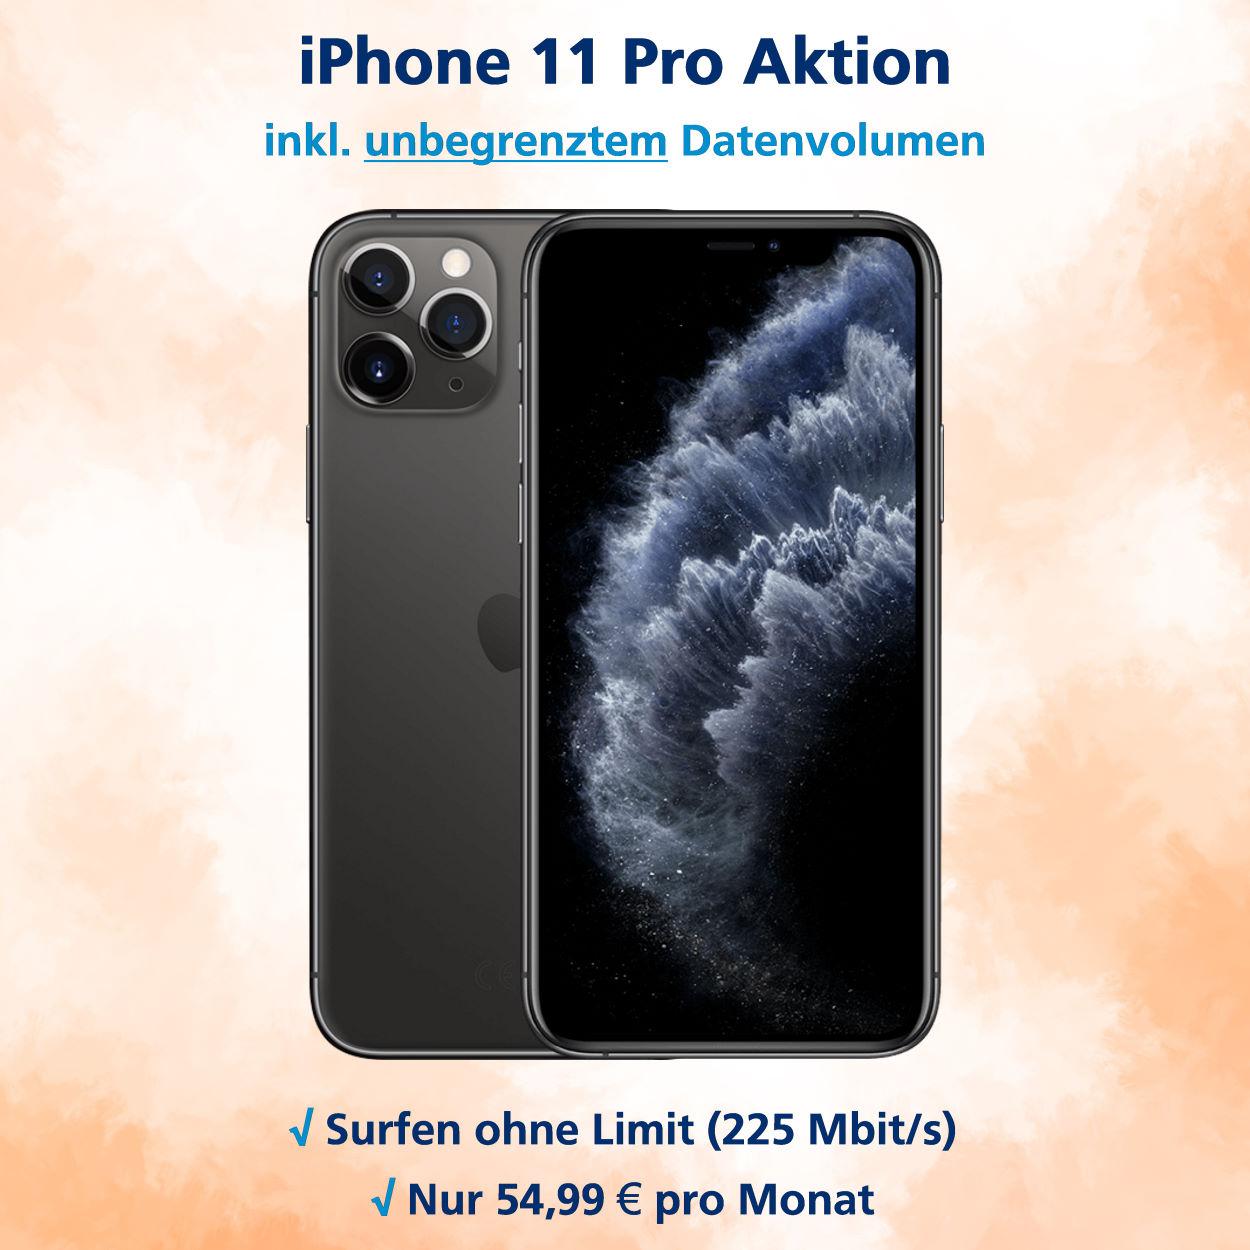 iPhone 11 Pro Handyvertrag mit unbegrenztem Datenvolumen